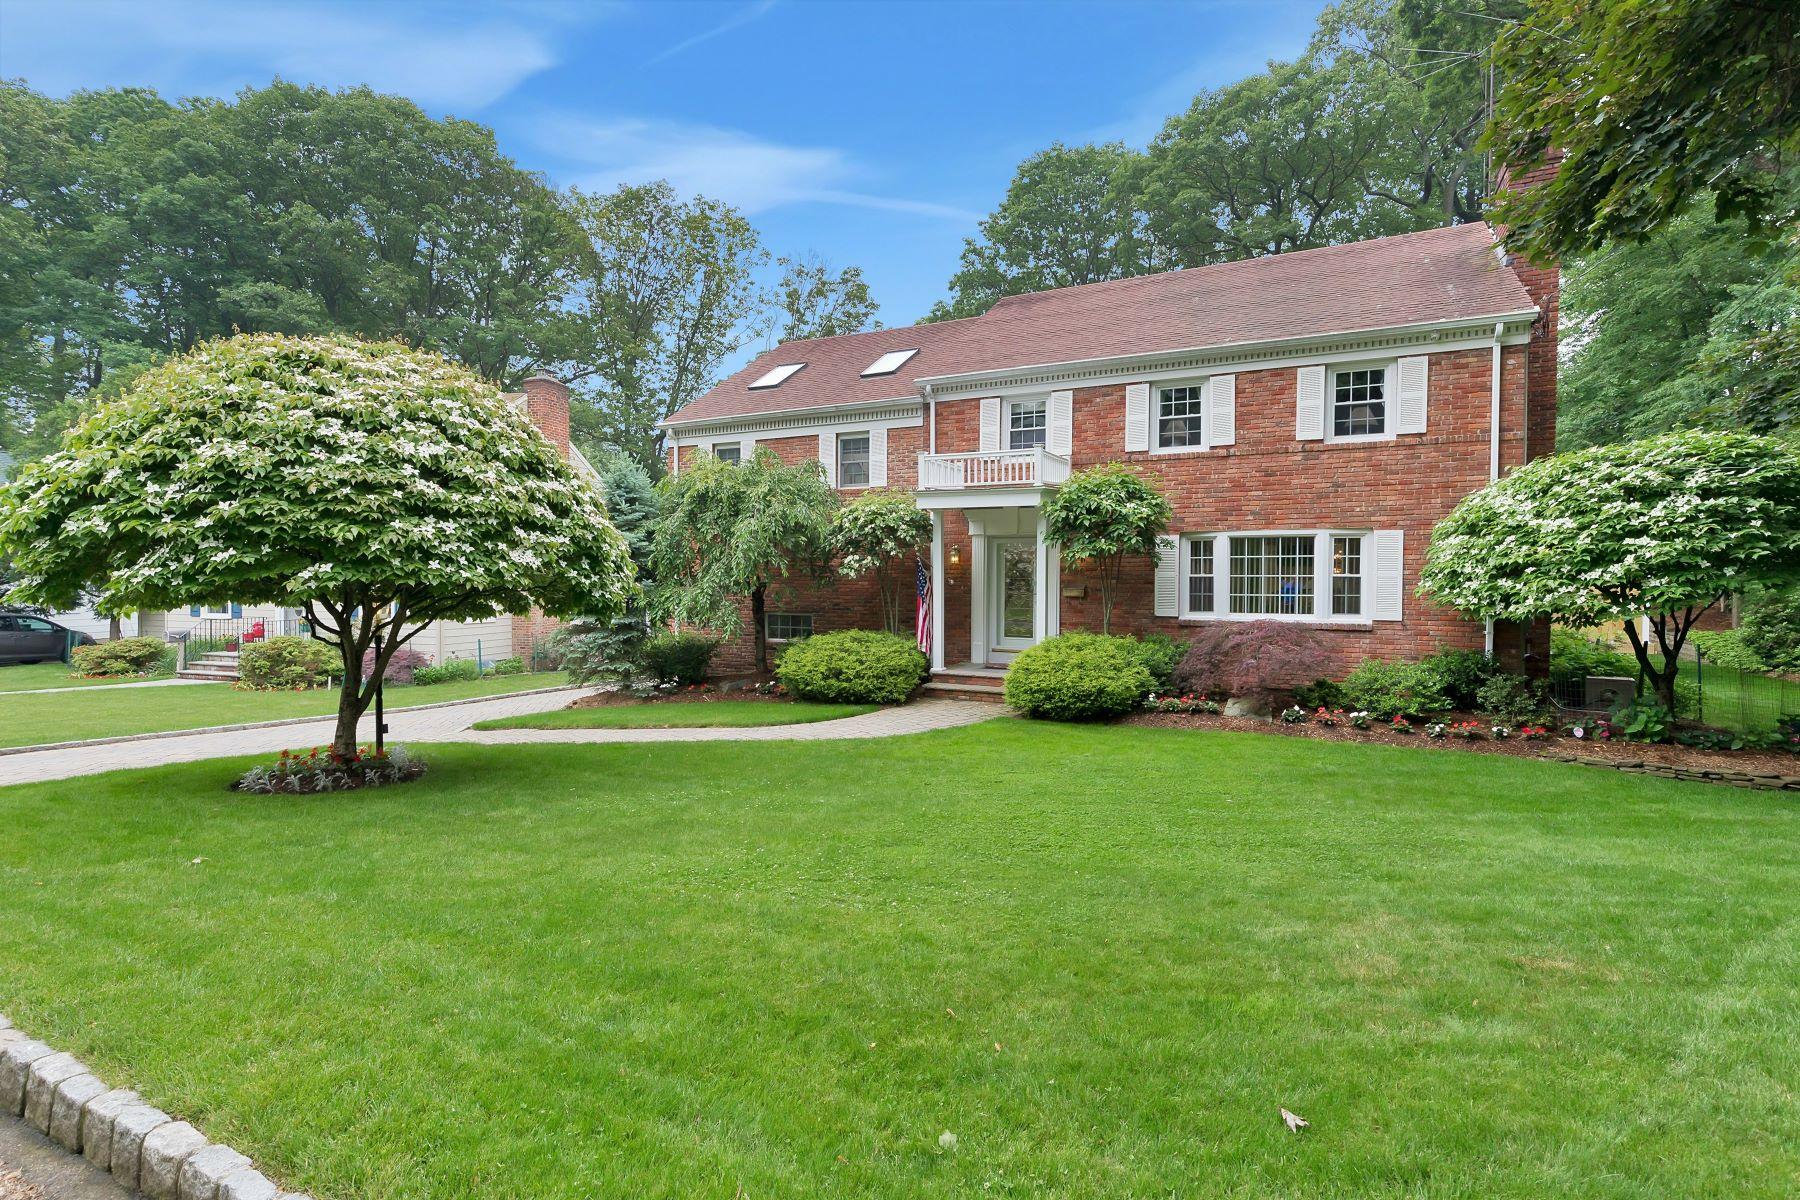 Maison unifamiliale pour l Vente à Spectacular Residence 296 Partridge Run Mountainside, New Jersey 07092 États-Unis